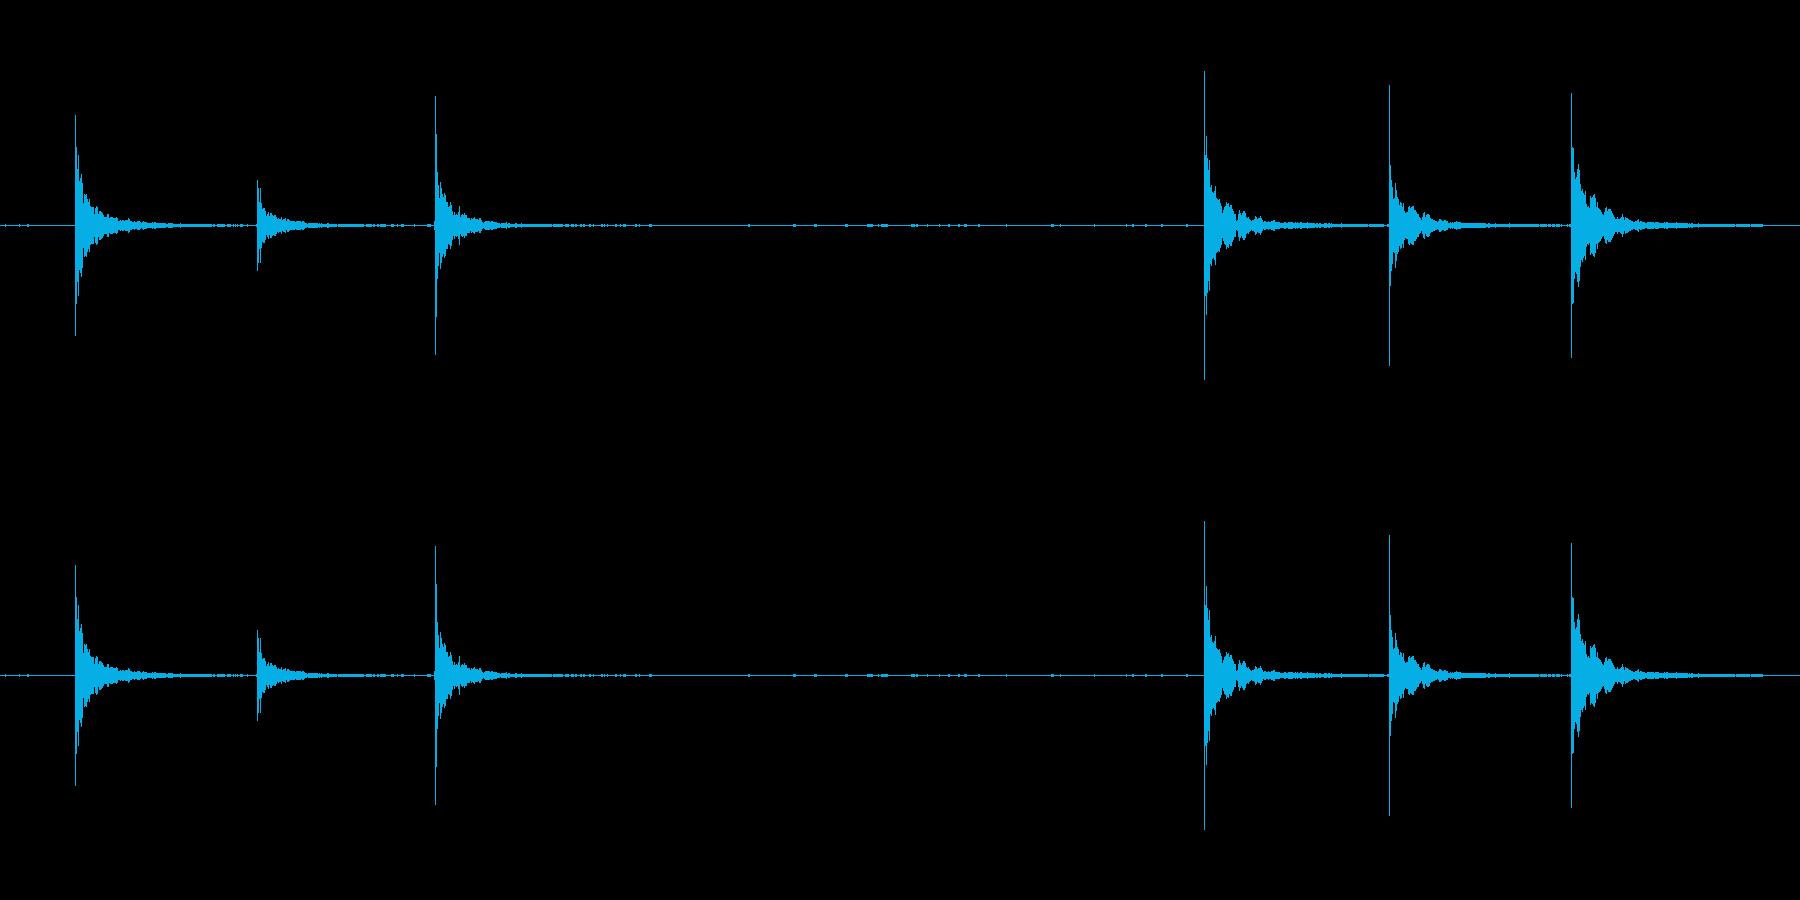 金属音、カンカンカンの再生済みの波形